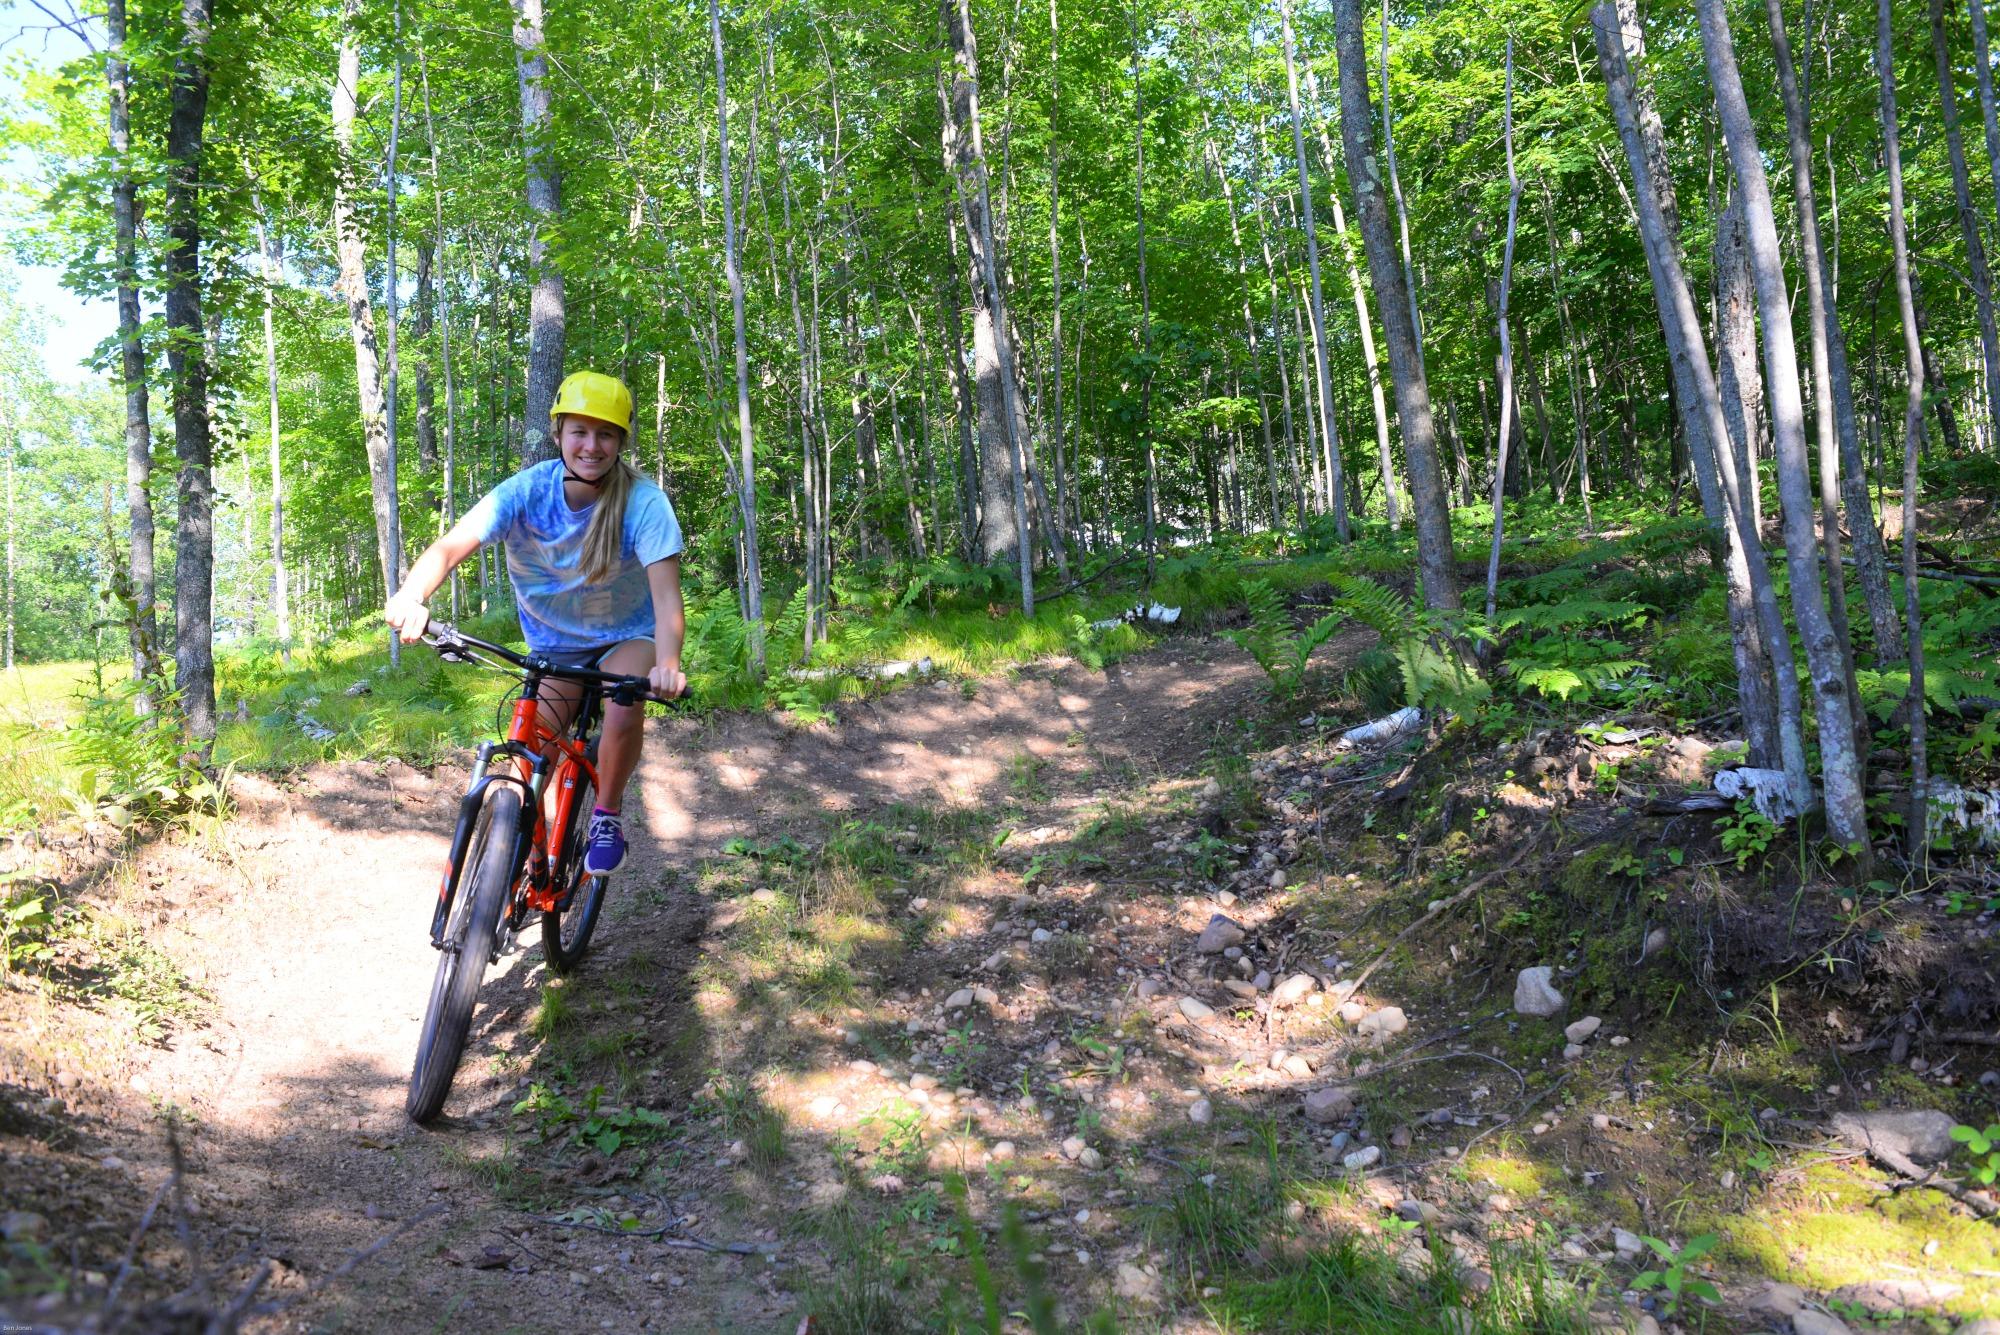 minocqua mountain bike trails oneida county wi